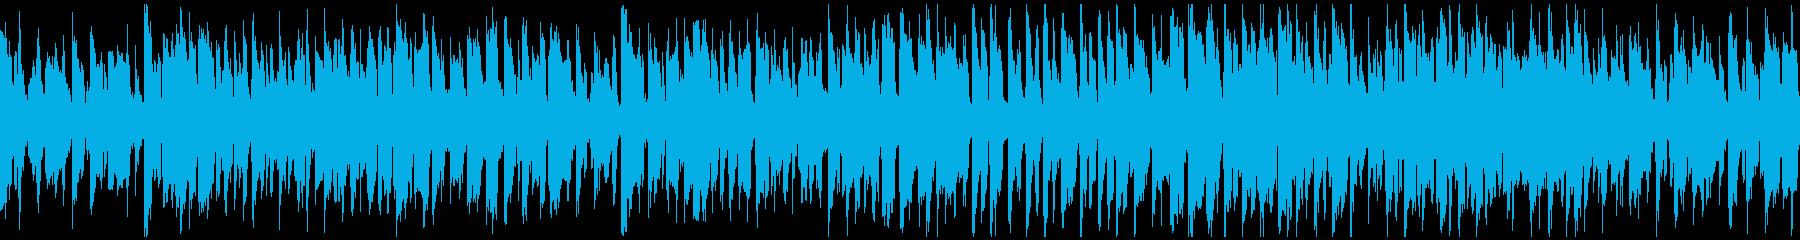 ずっこけるお笑い系リコーダー ※ループ版の再生済みの波形